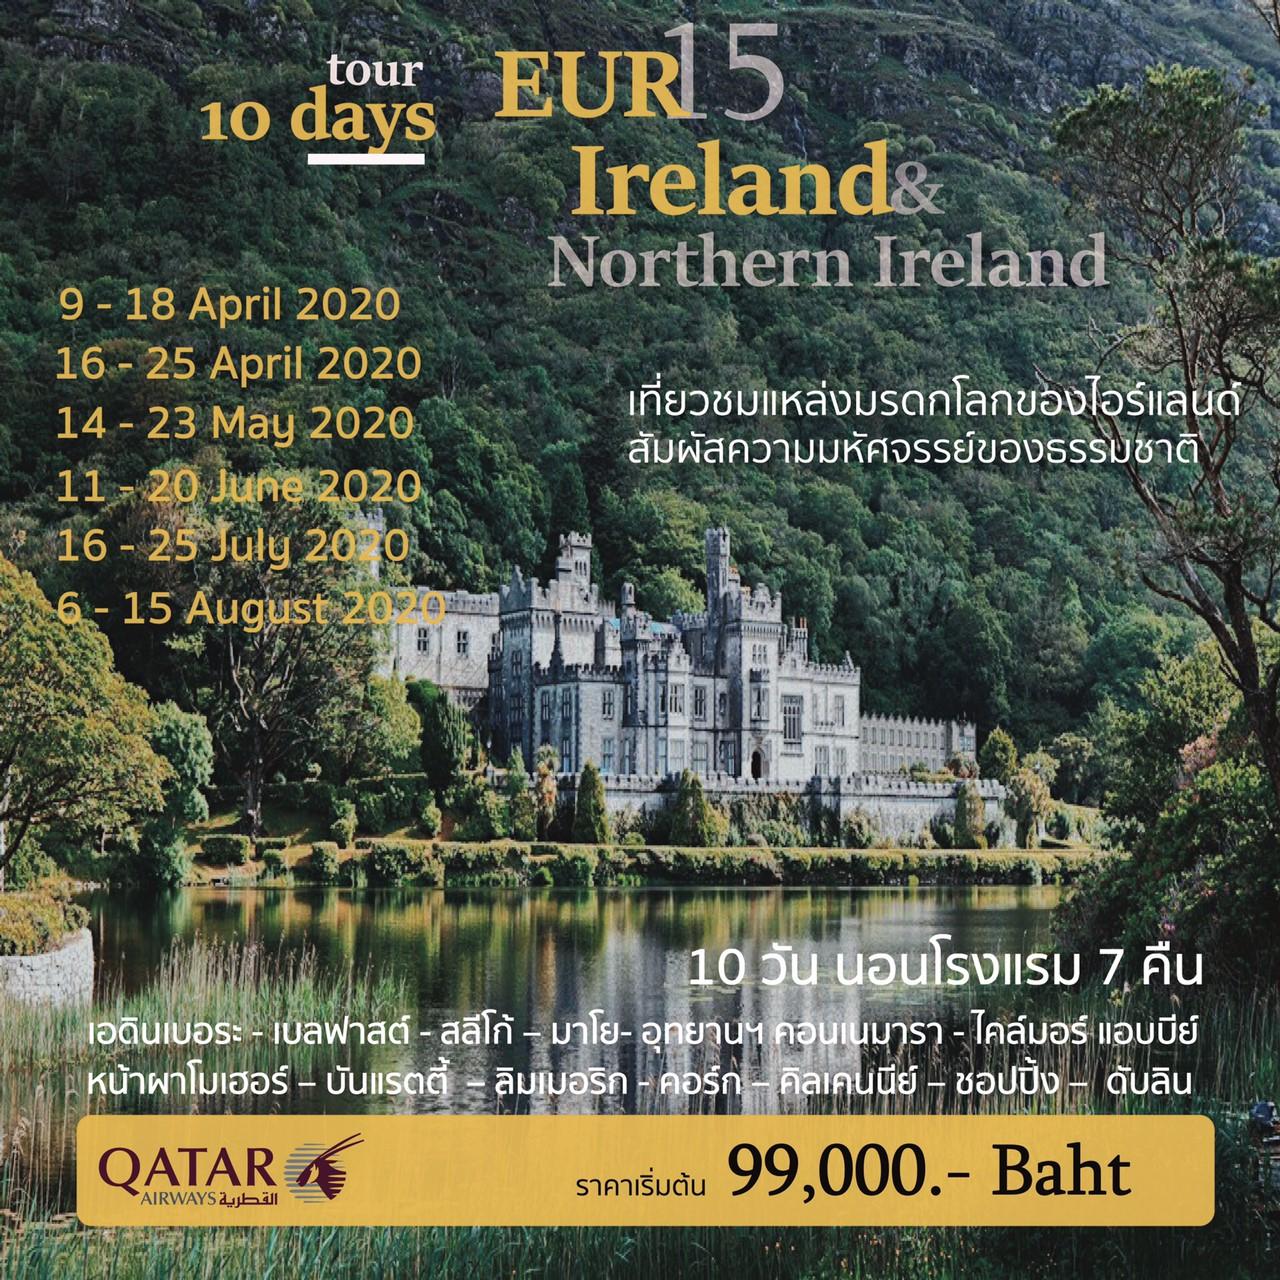 ทัวร์ยุโรป-Ireland-&-Northern-Ireland-10วัน7คืน-(APR-MAY20)(QR)(EUR_15)